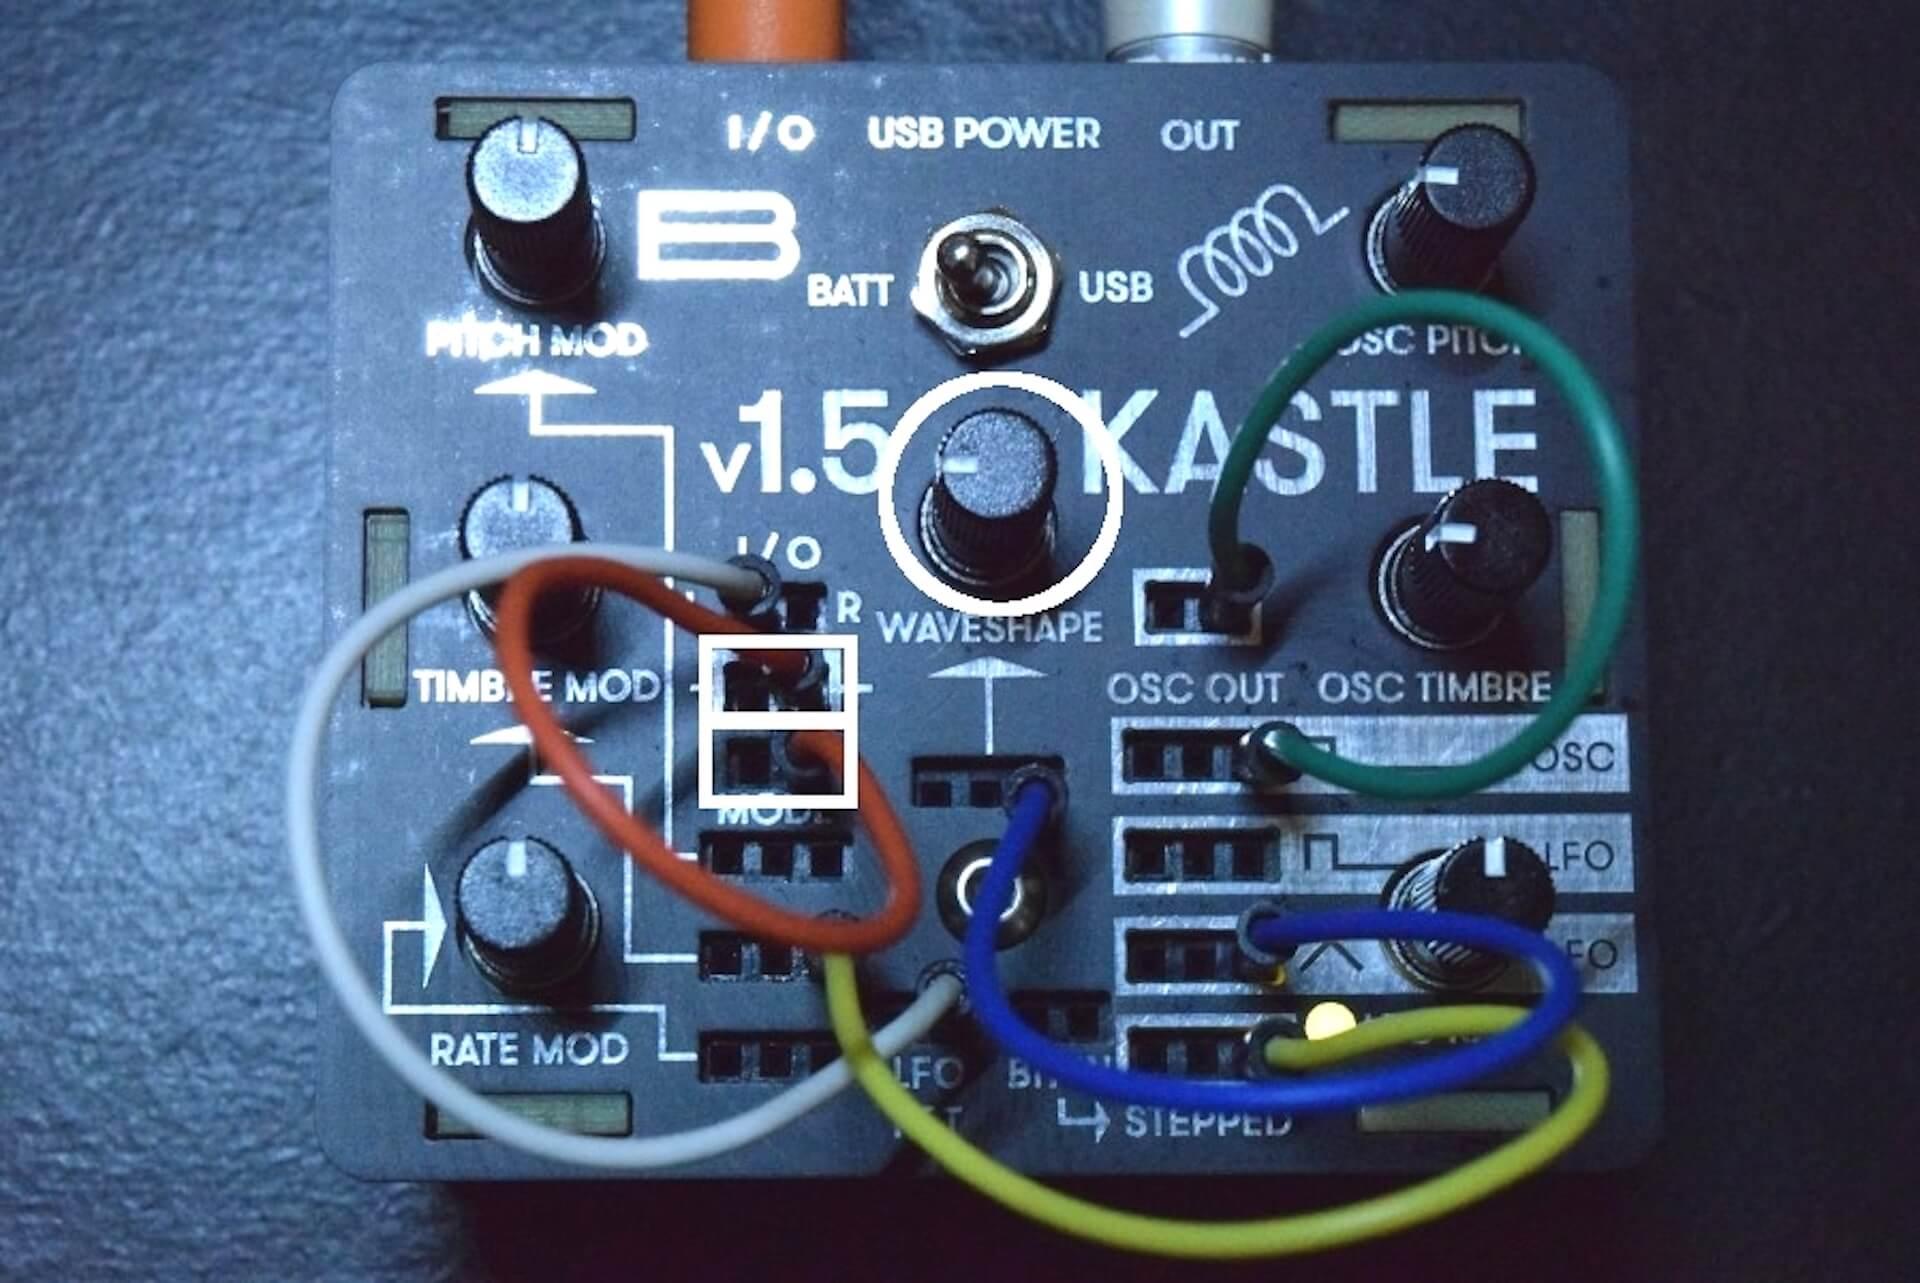 超小型モジュラー・シンセサイザー「KASTLE V1.5」のサウンドと魅力 63dbf4494ae580783e213894227e2c55